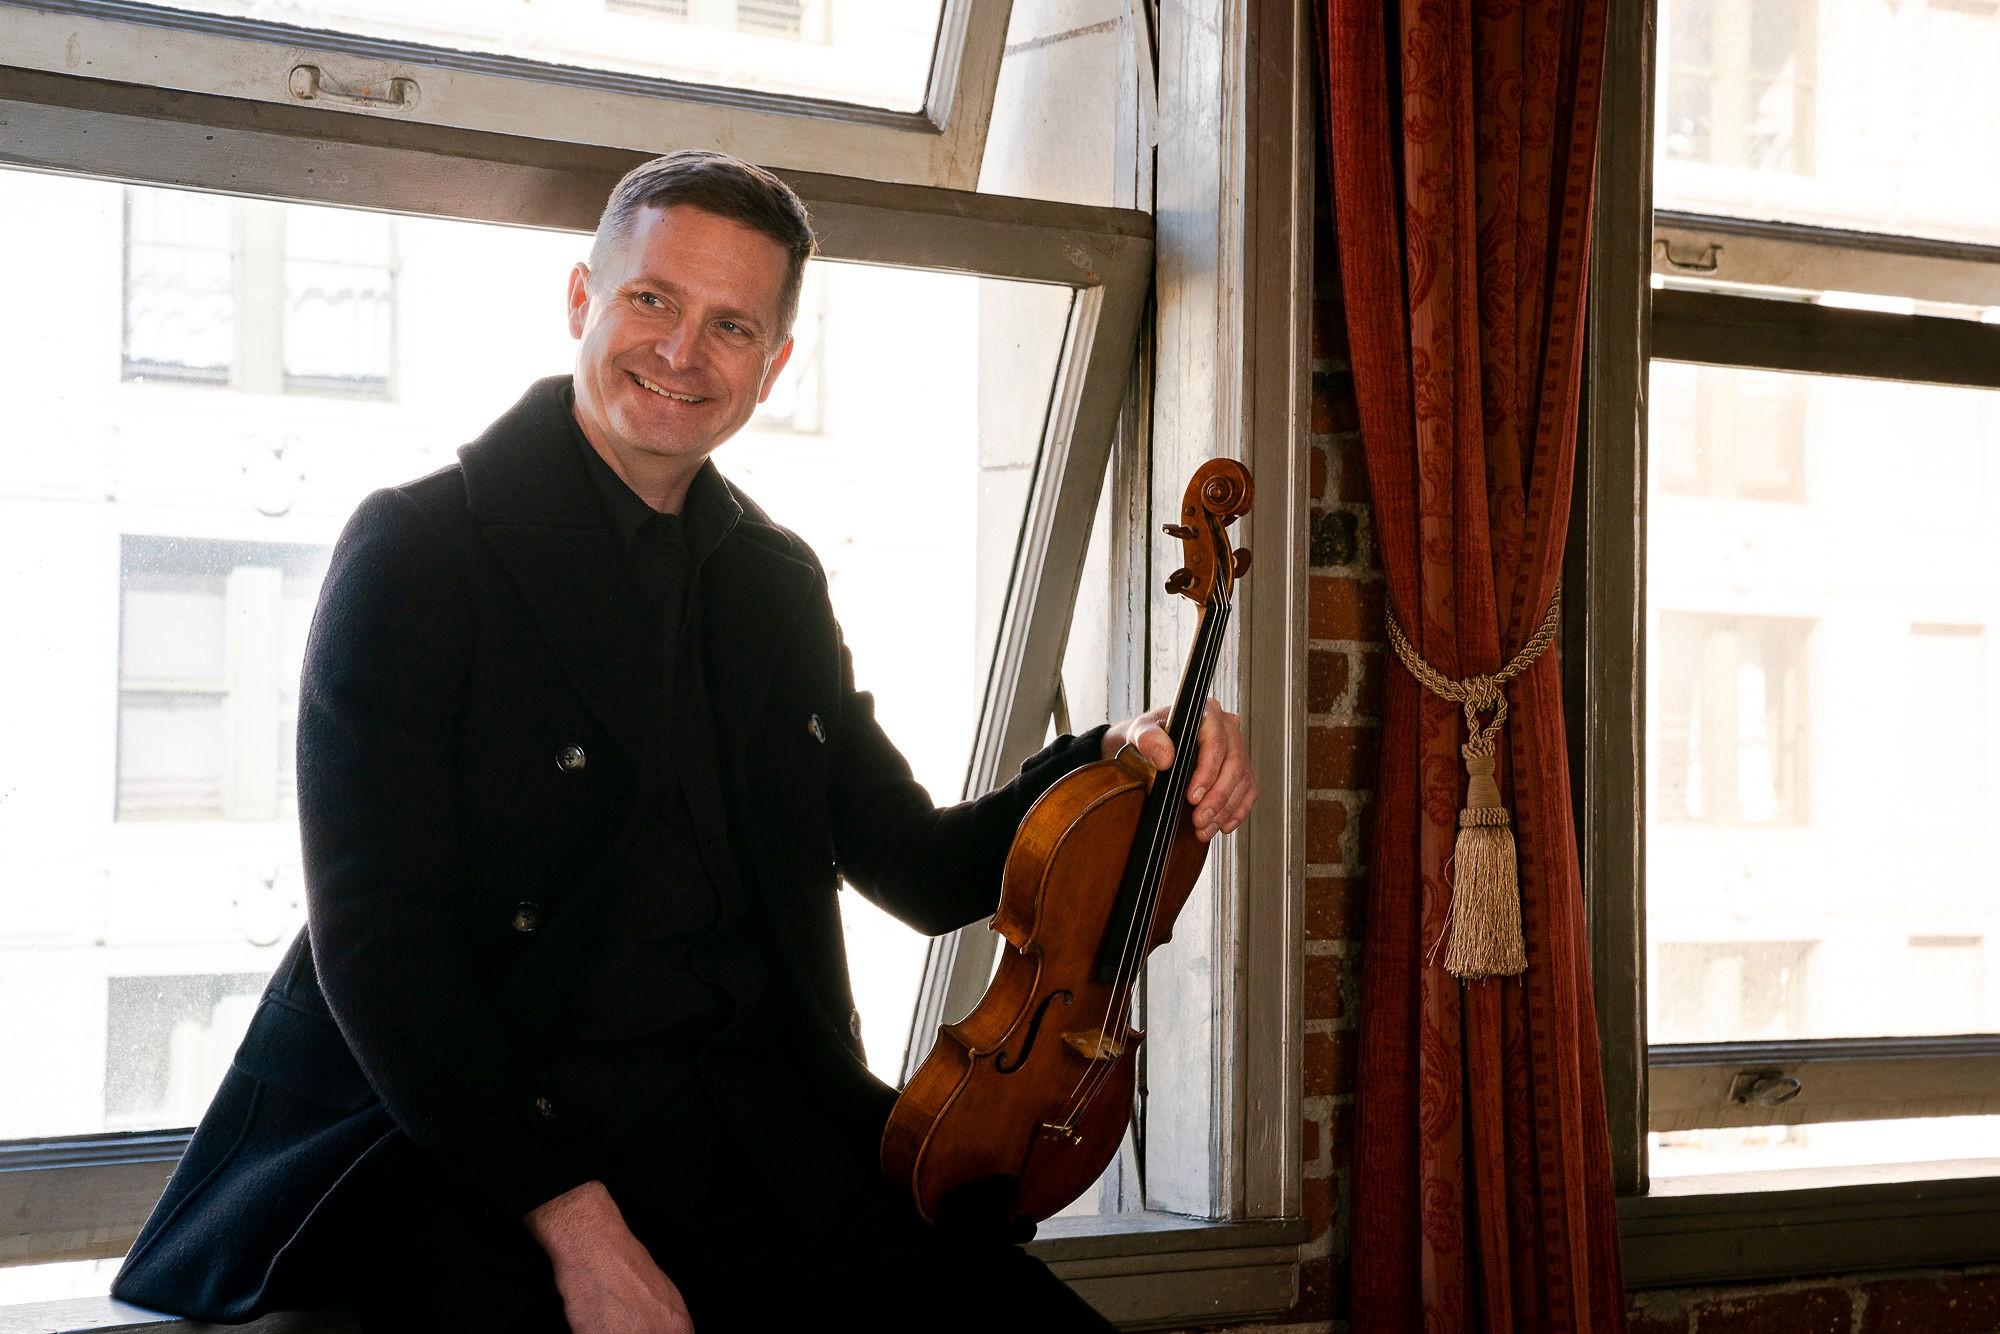 David at window 2 (smiling)